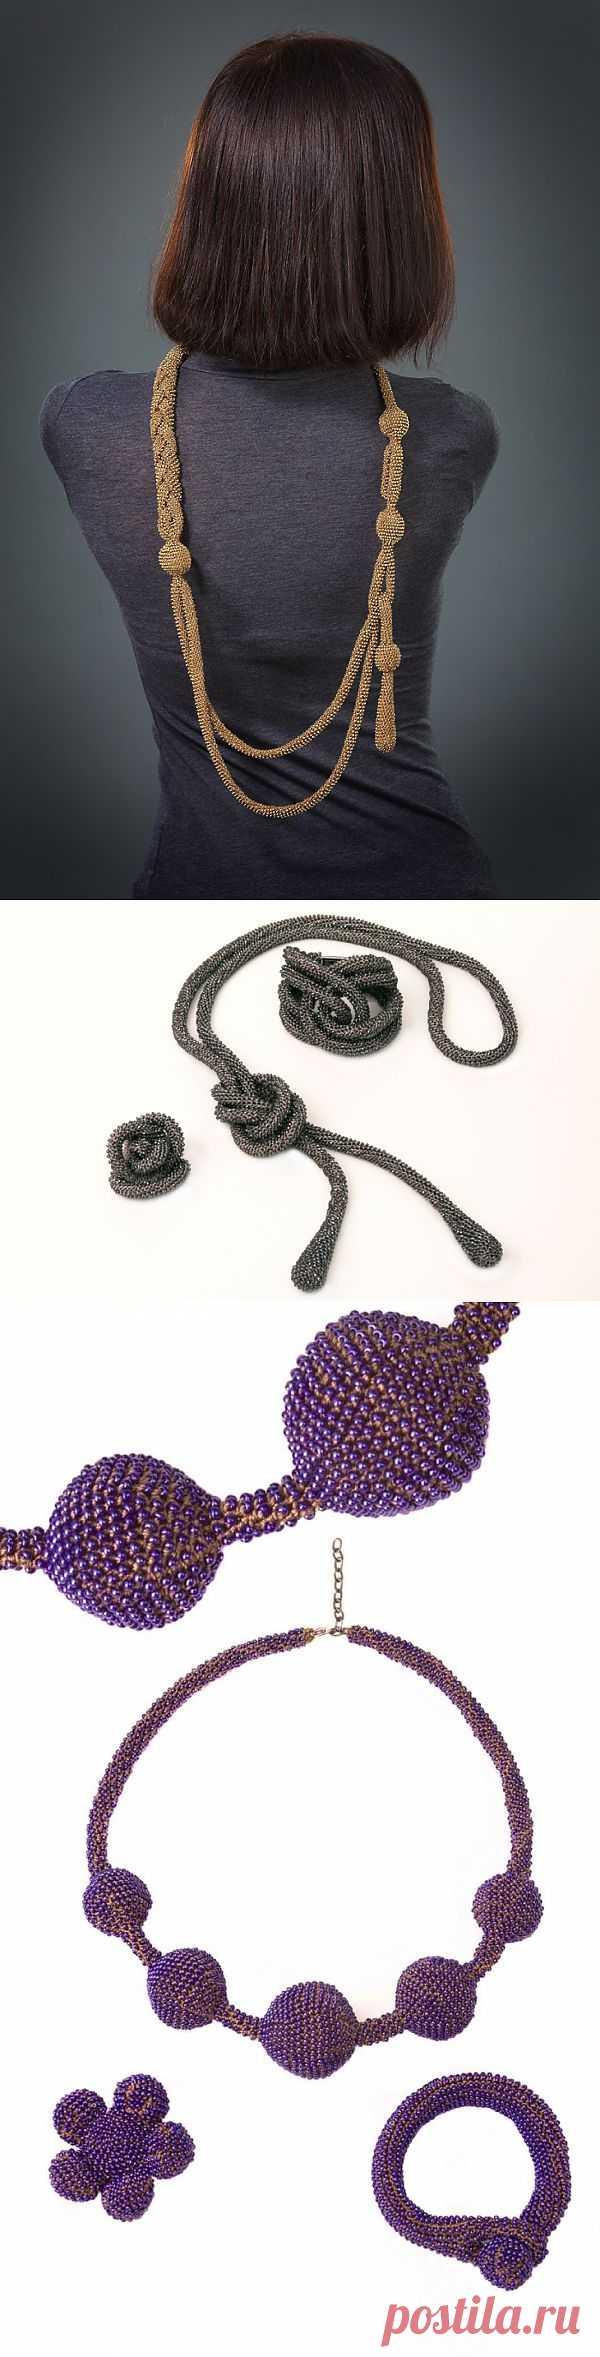 Эти украшения связаны крючком (подборка) / Украшения и бижутерия / Модный сайт о стильной переделке одежды и интерьера